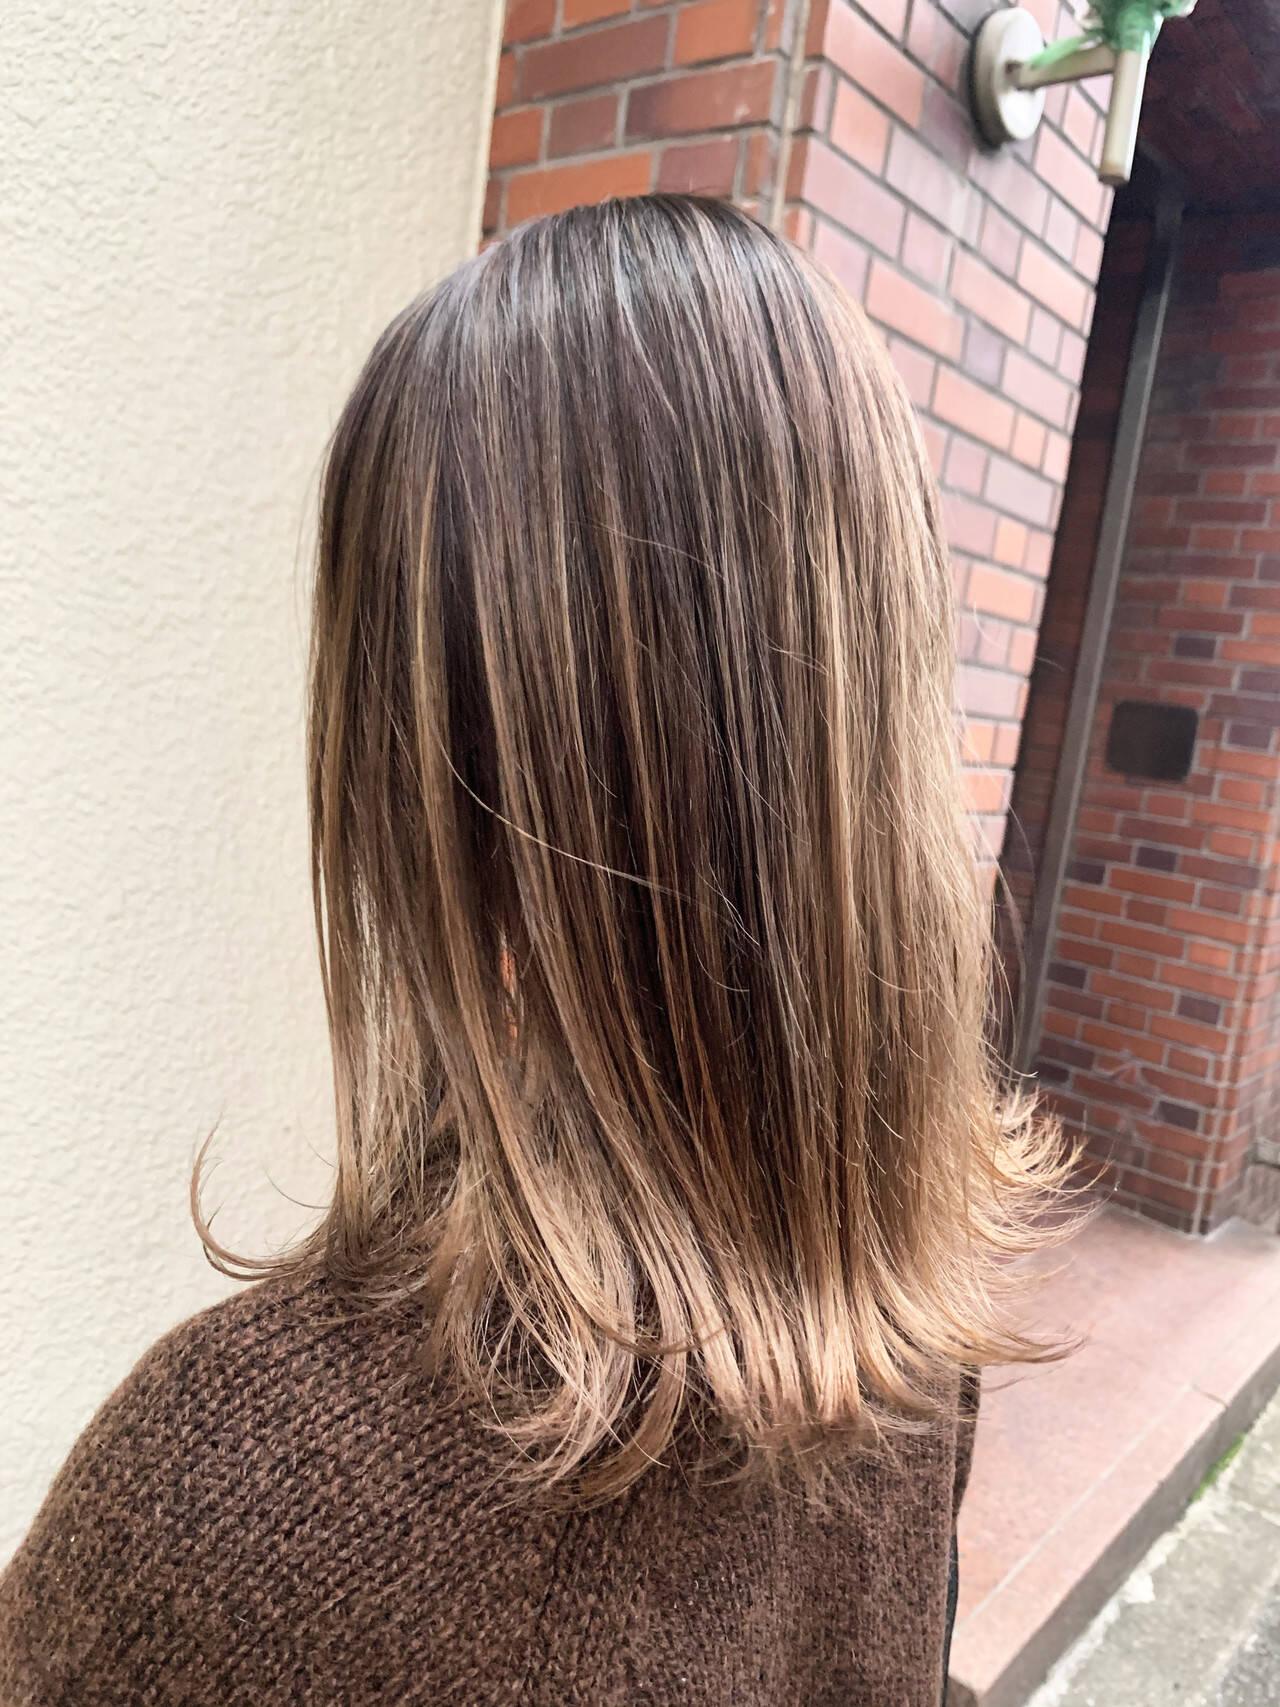 グラデーションカラー ミディアム ストリート バレイヤージュヘアスタイルや髪型の写真・画像